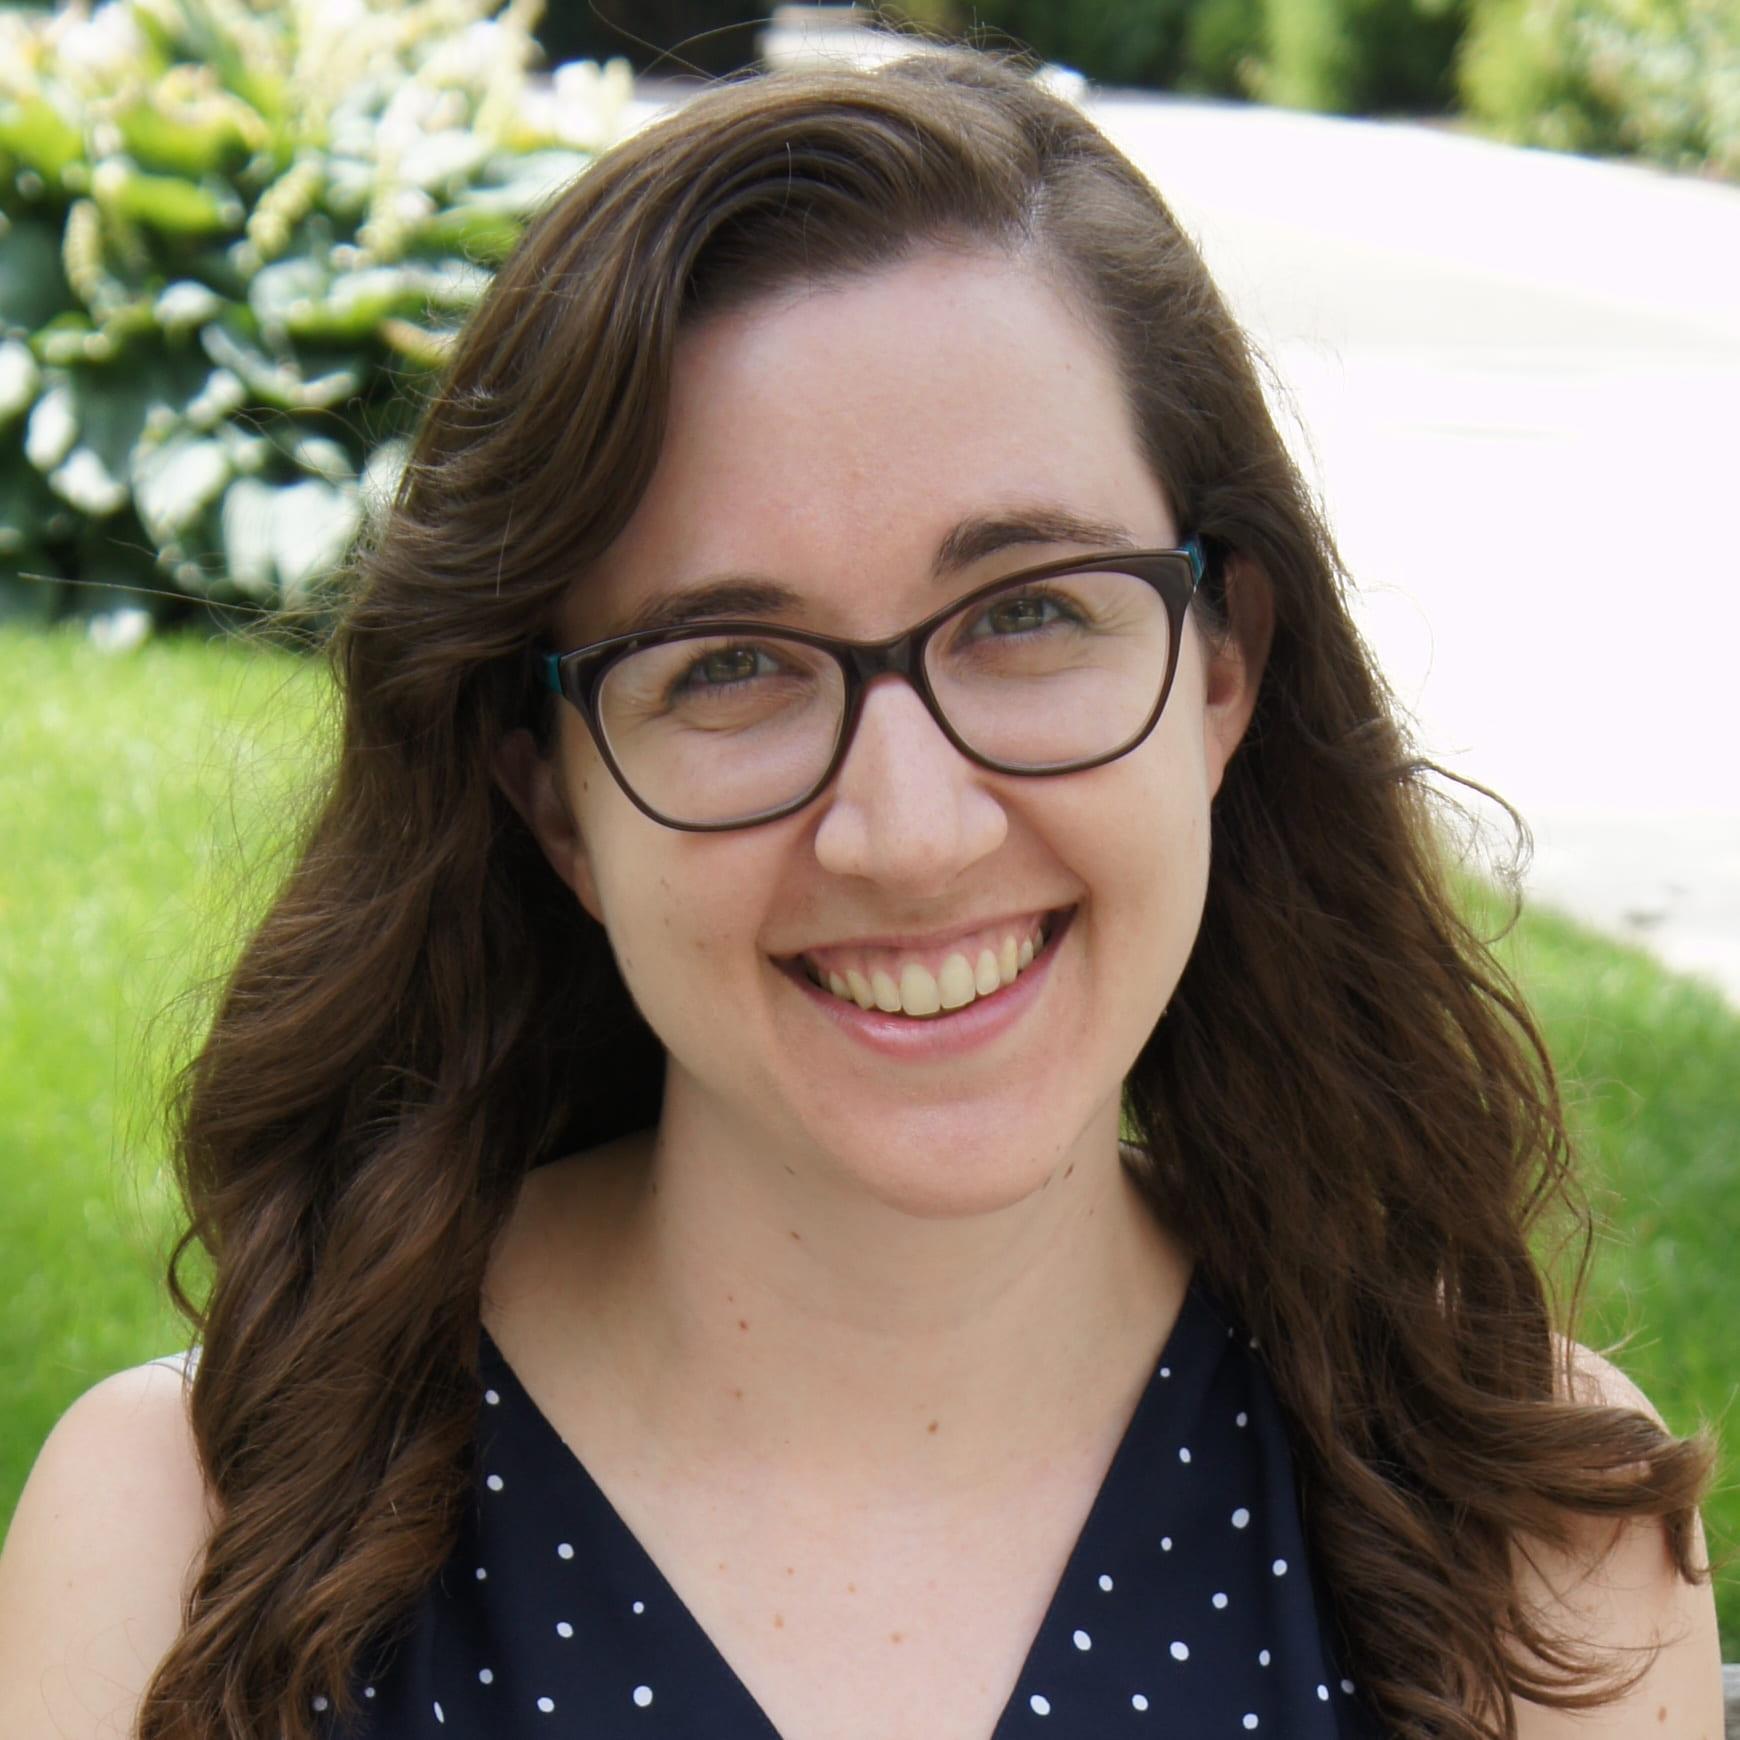 Natalie Brezack